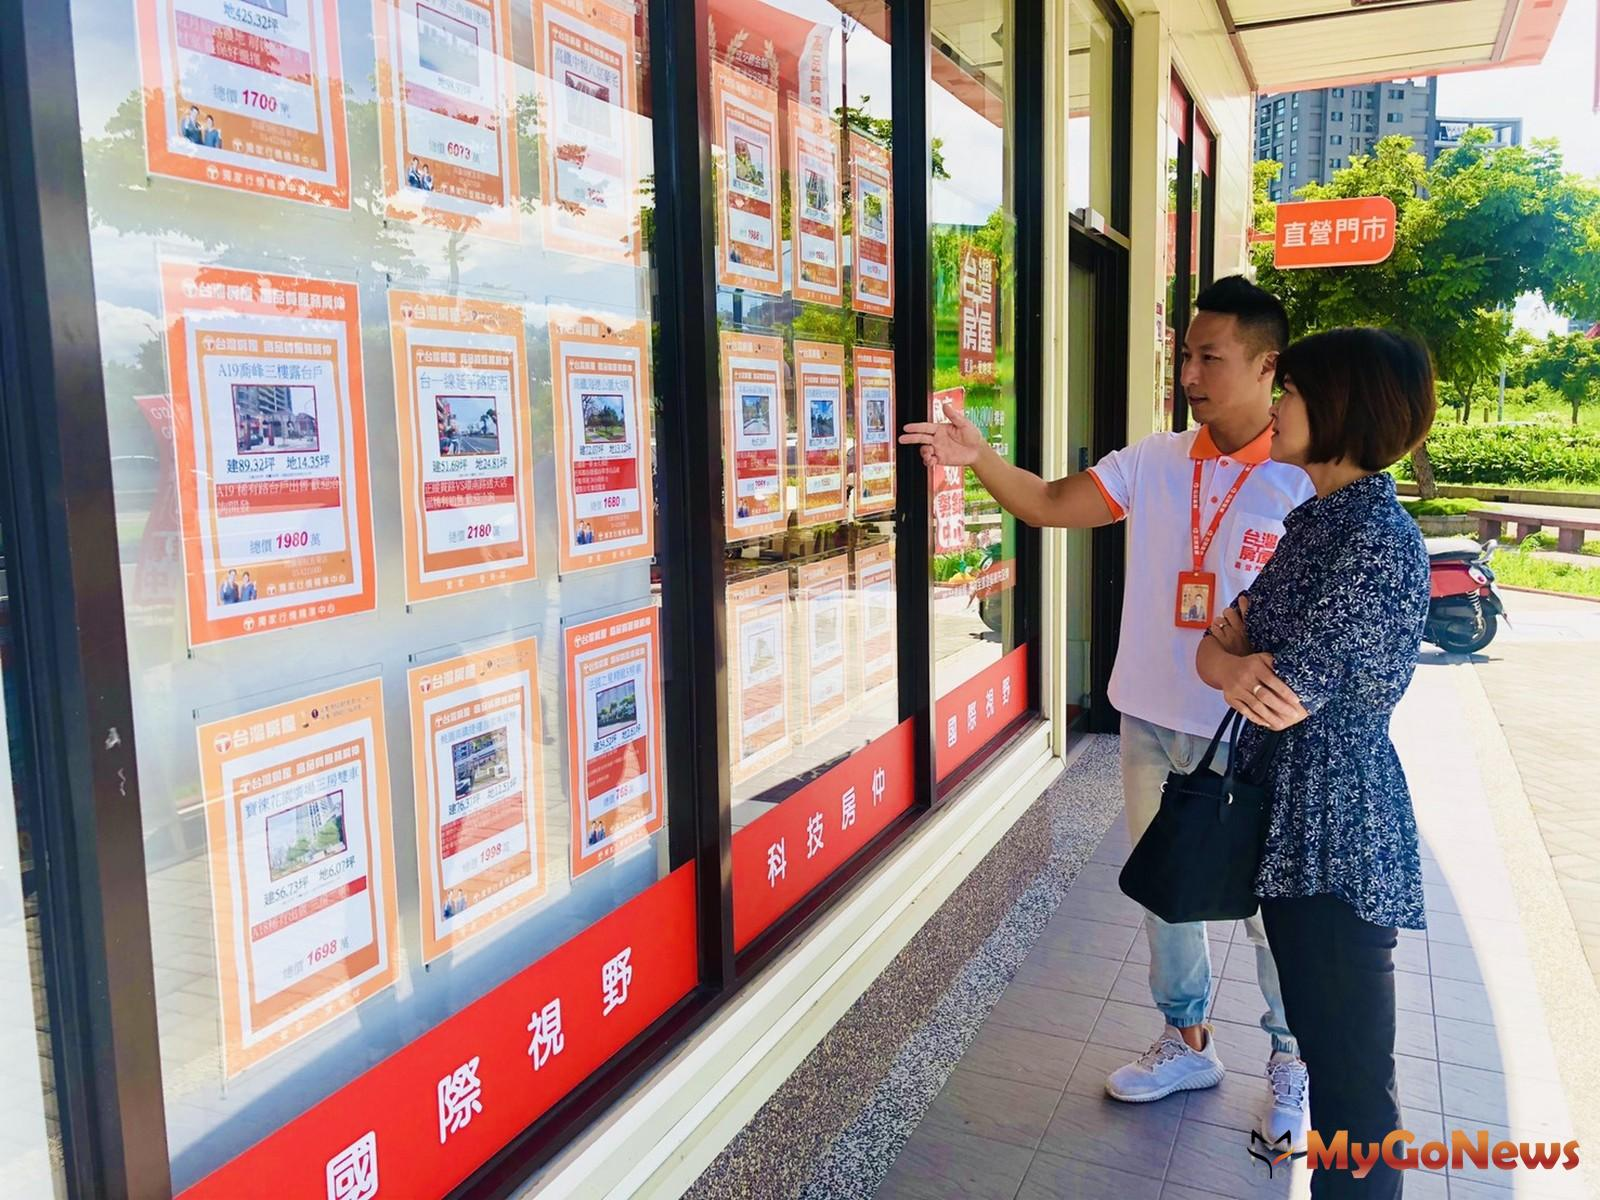 根據台灣房屋內部成交資料統計顯示,近3年購屋座向的變化,帝王座向-「座北朝南」減少4個百分點(圖:台灣房屋)。 MyGoNews房地產新聞 市場快訊